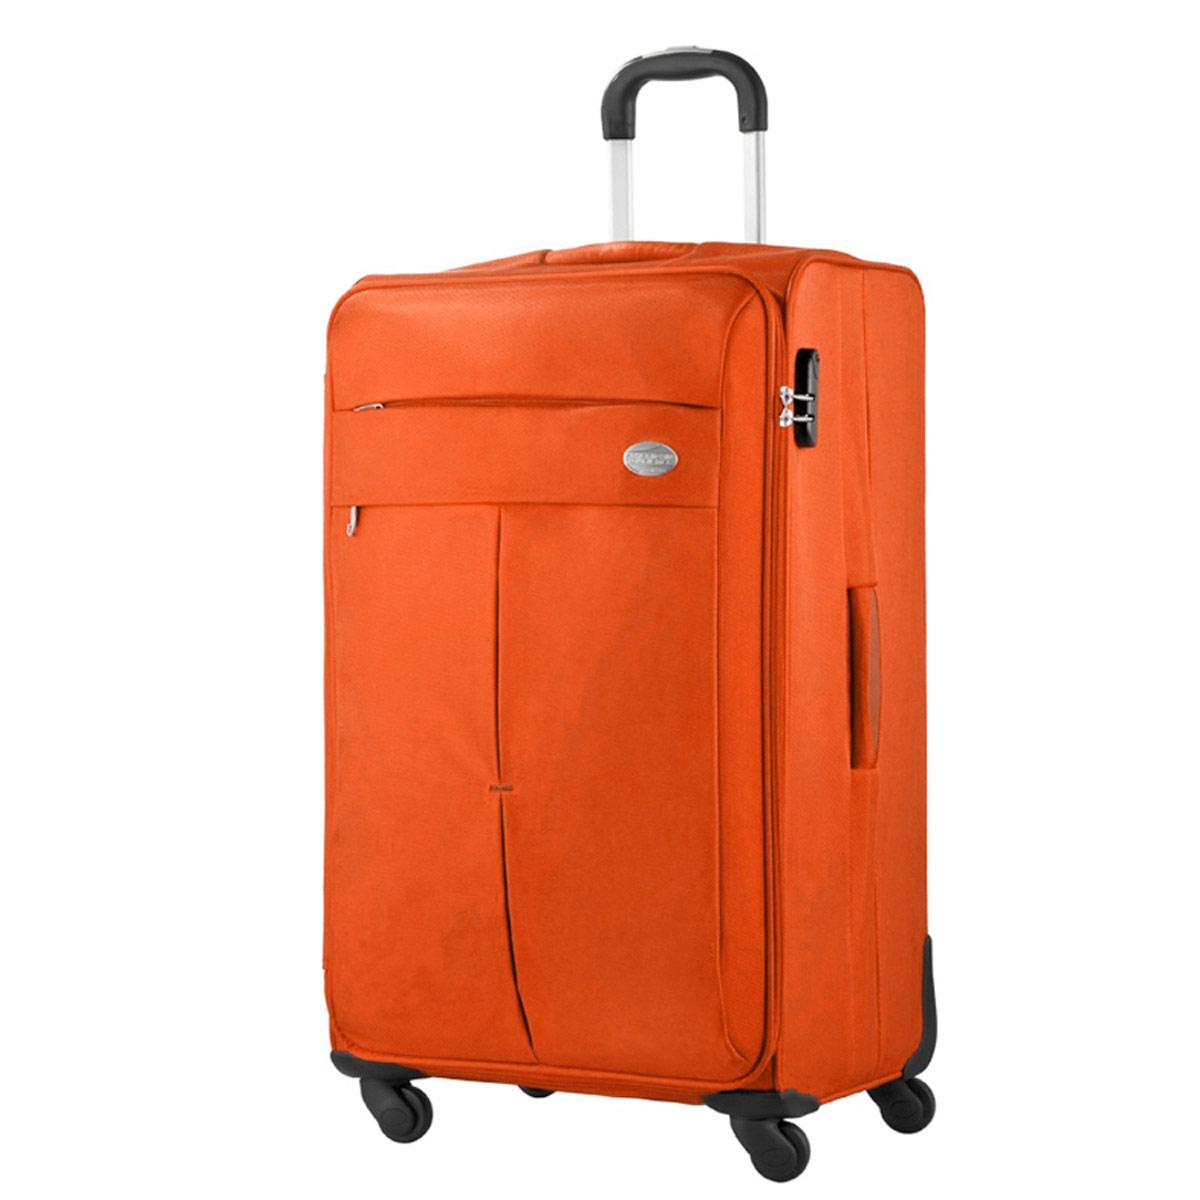 american tourister samsonite colora spinner 76cm trolley koffer orange neu ebay. Black Bedroom Furniture Sets. Home Design Ideas